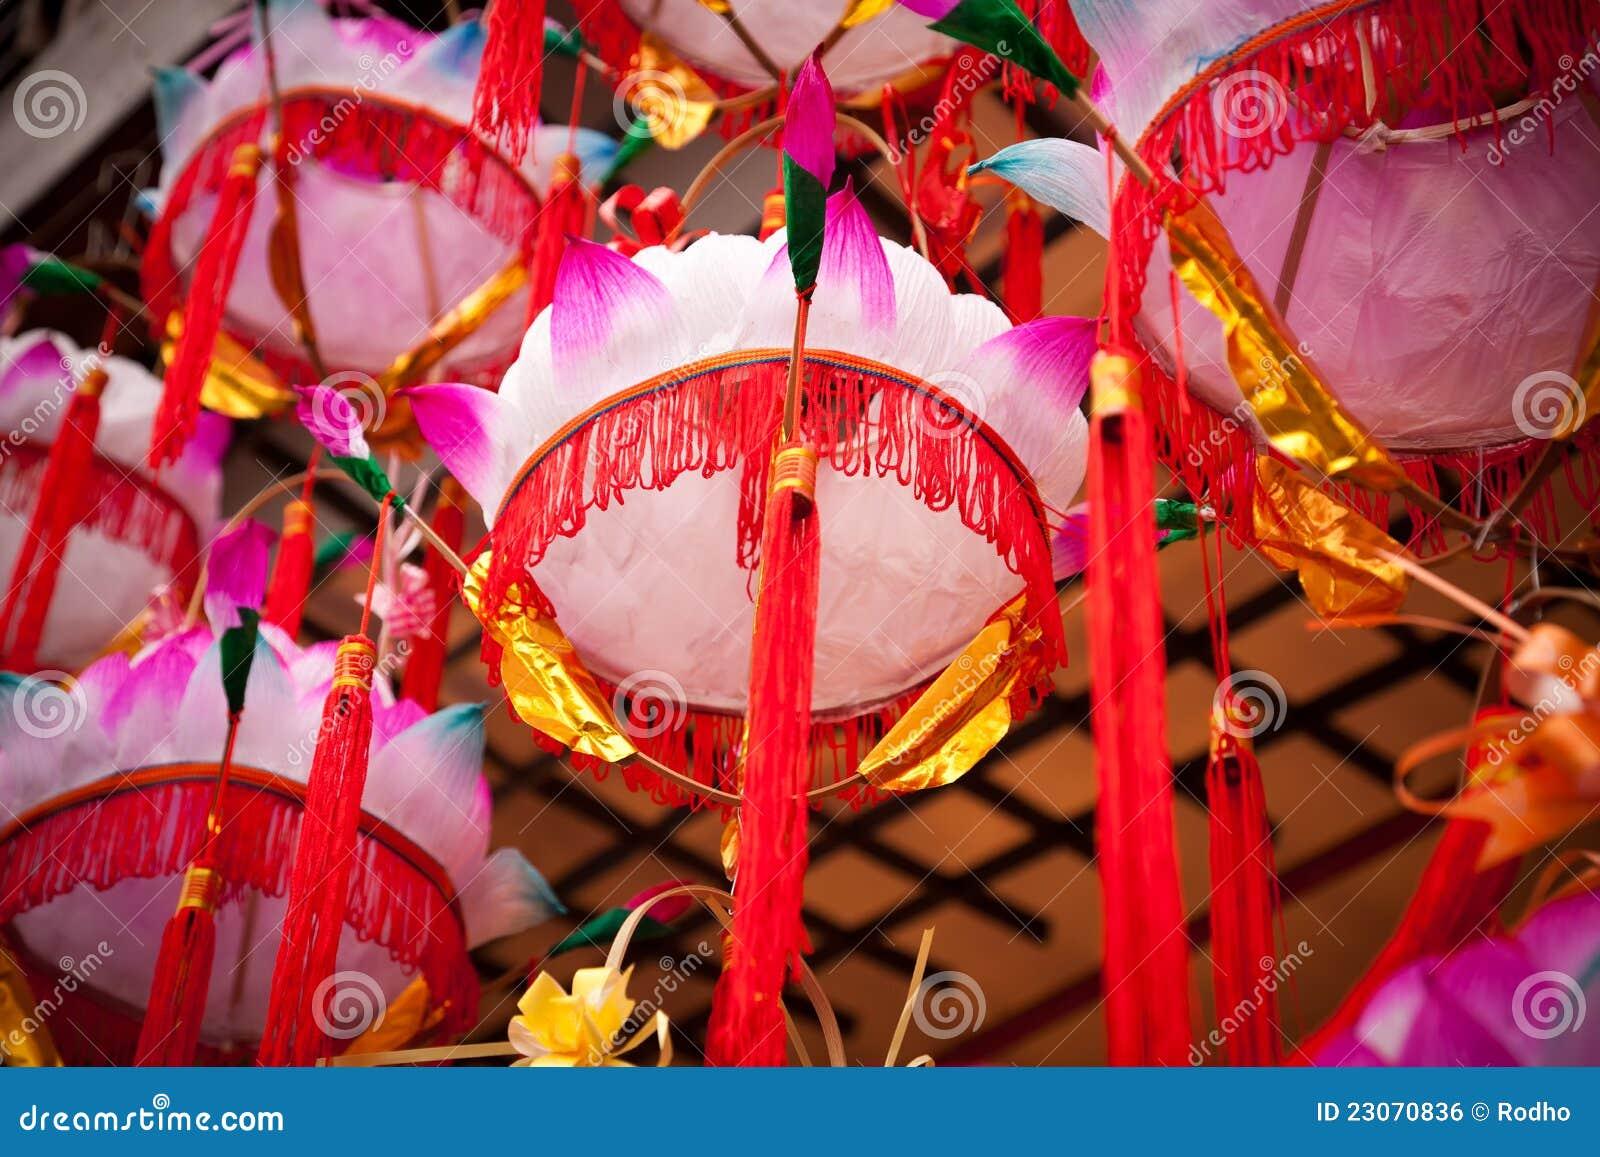 Lampadario Carta Cinese.Lampada Cinese Del Fiore Di Loto Delle Lanterne Di Carta